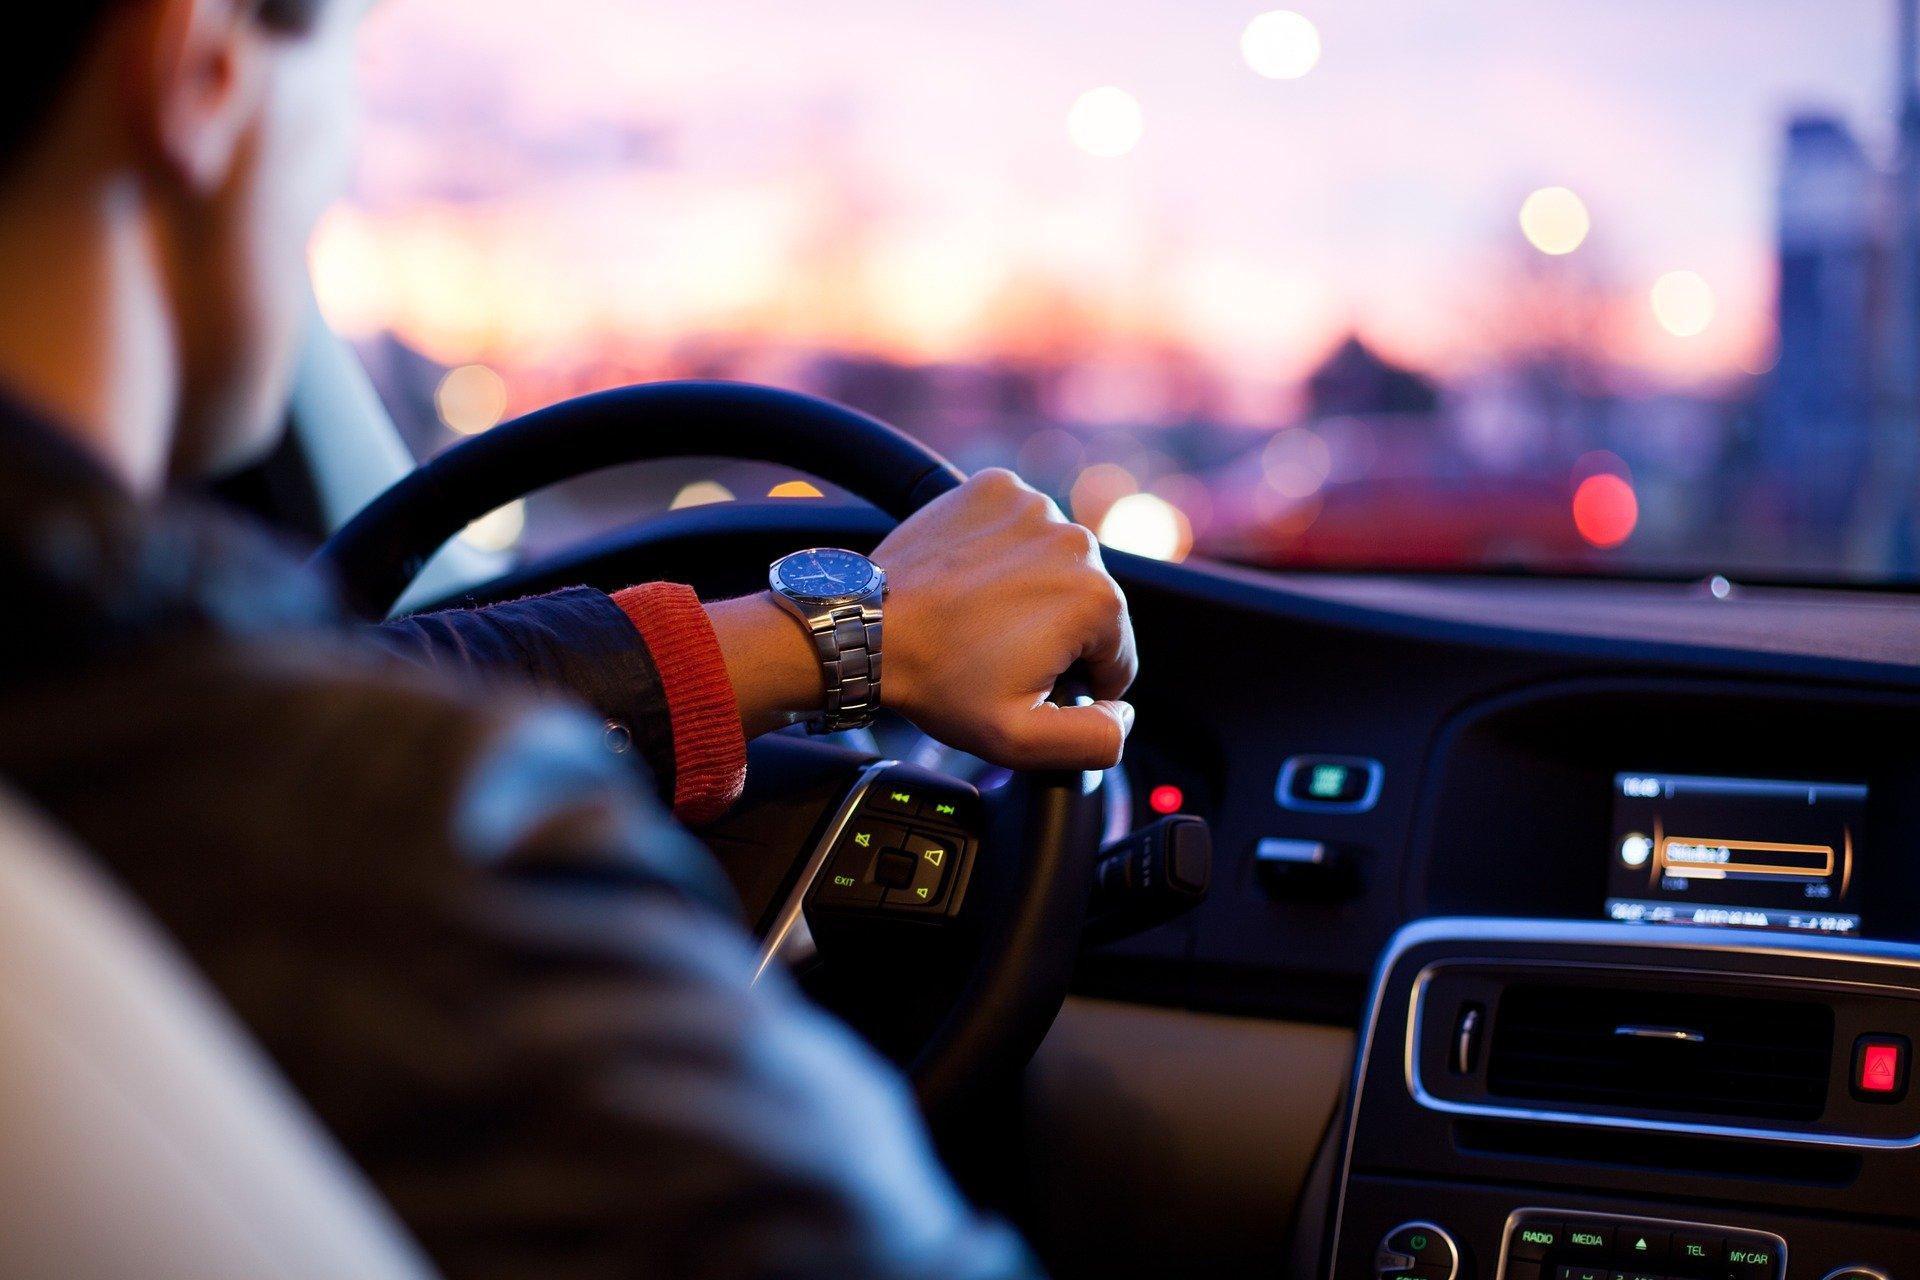 Автомобилисты могут не проходить техосмотр для получения ОСАГО